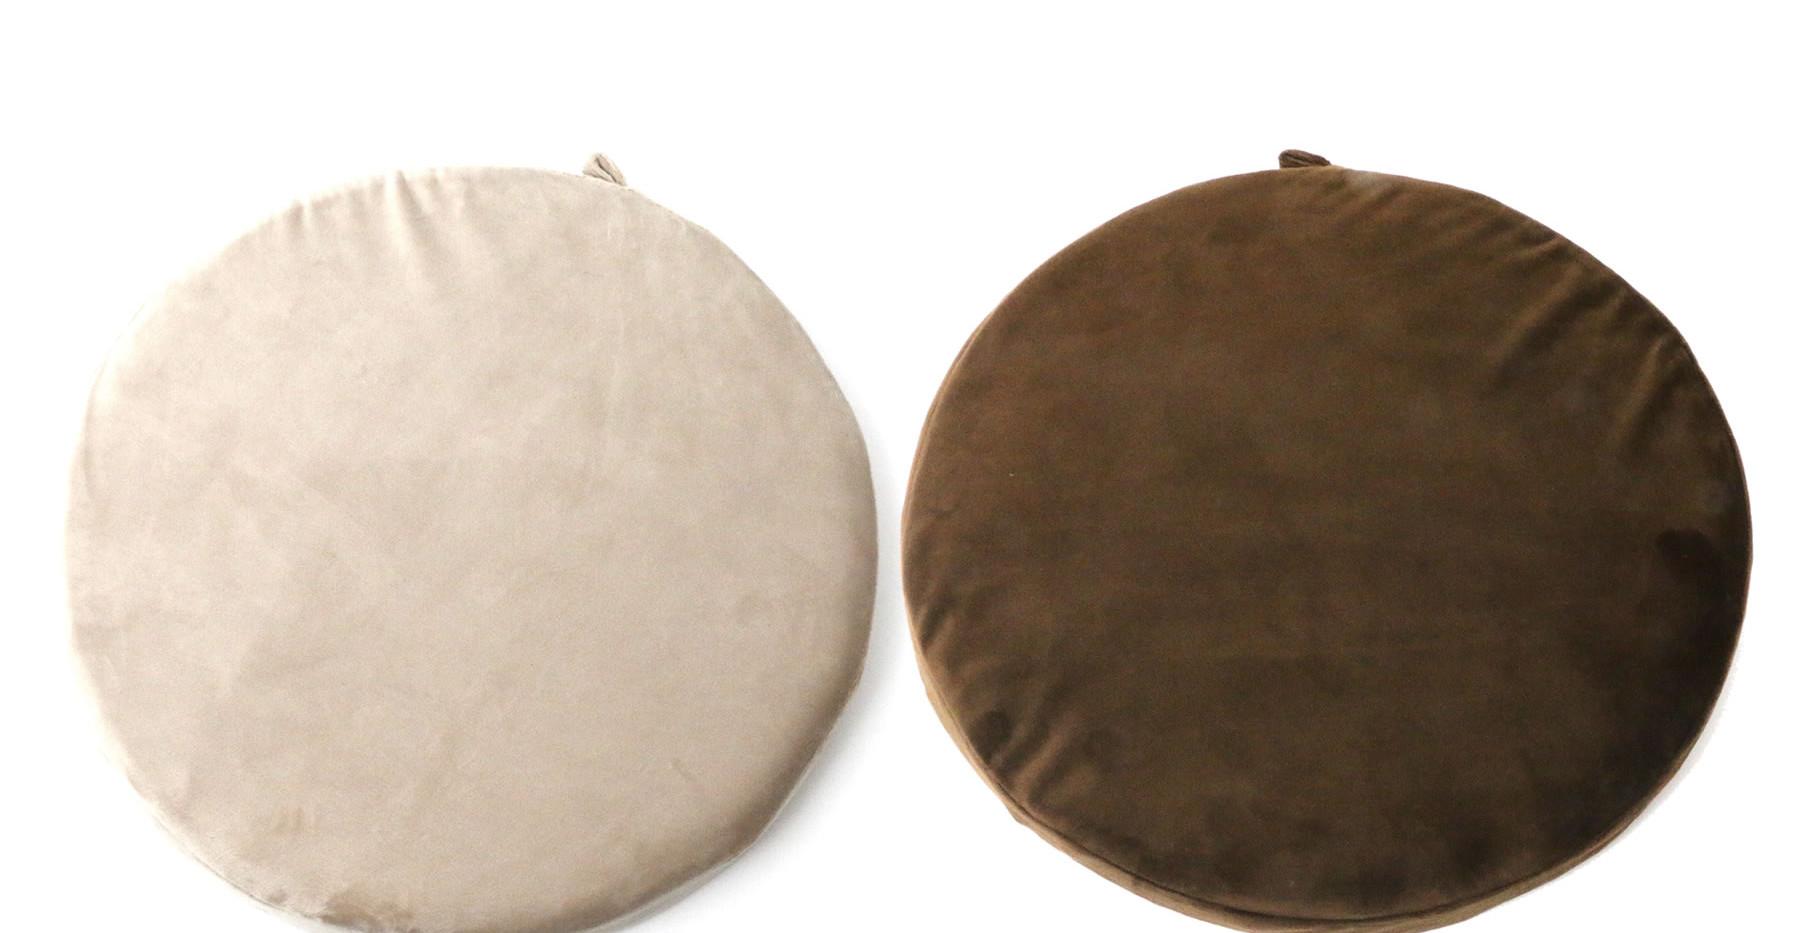 [インナークッション(付属)] アイボリー(左)は本体カラー:アイボリーに、ブラウン(右)は本体カラー:ワインレッド、モカに それぞれ付属します。